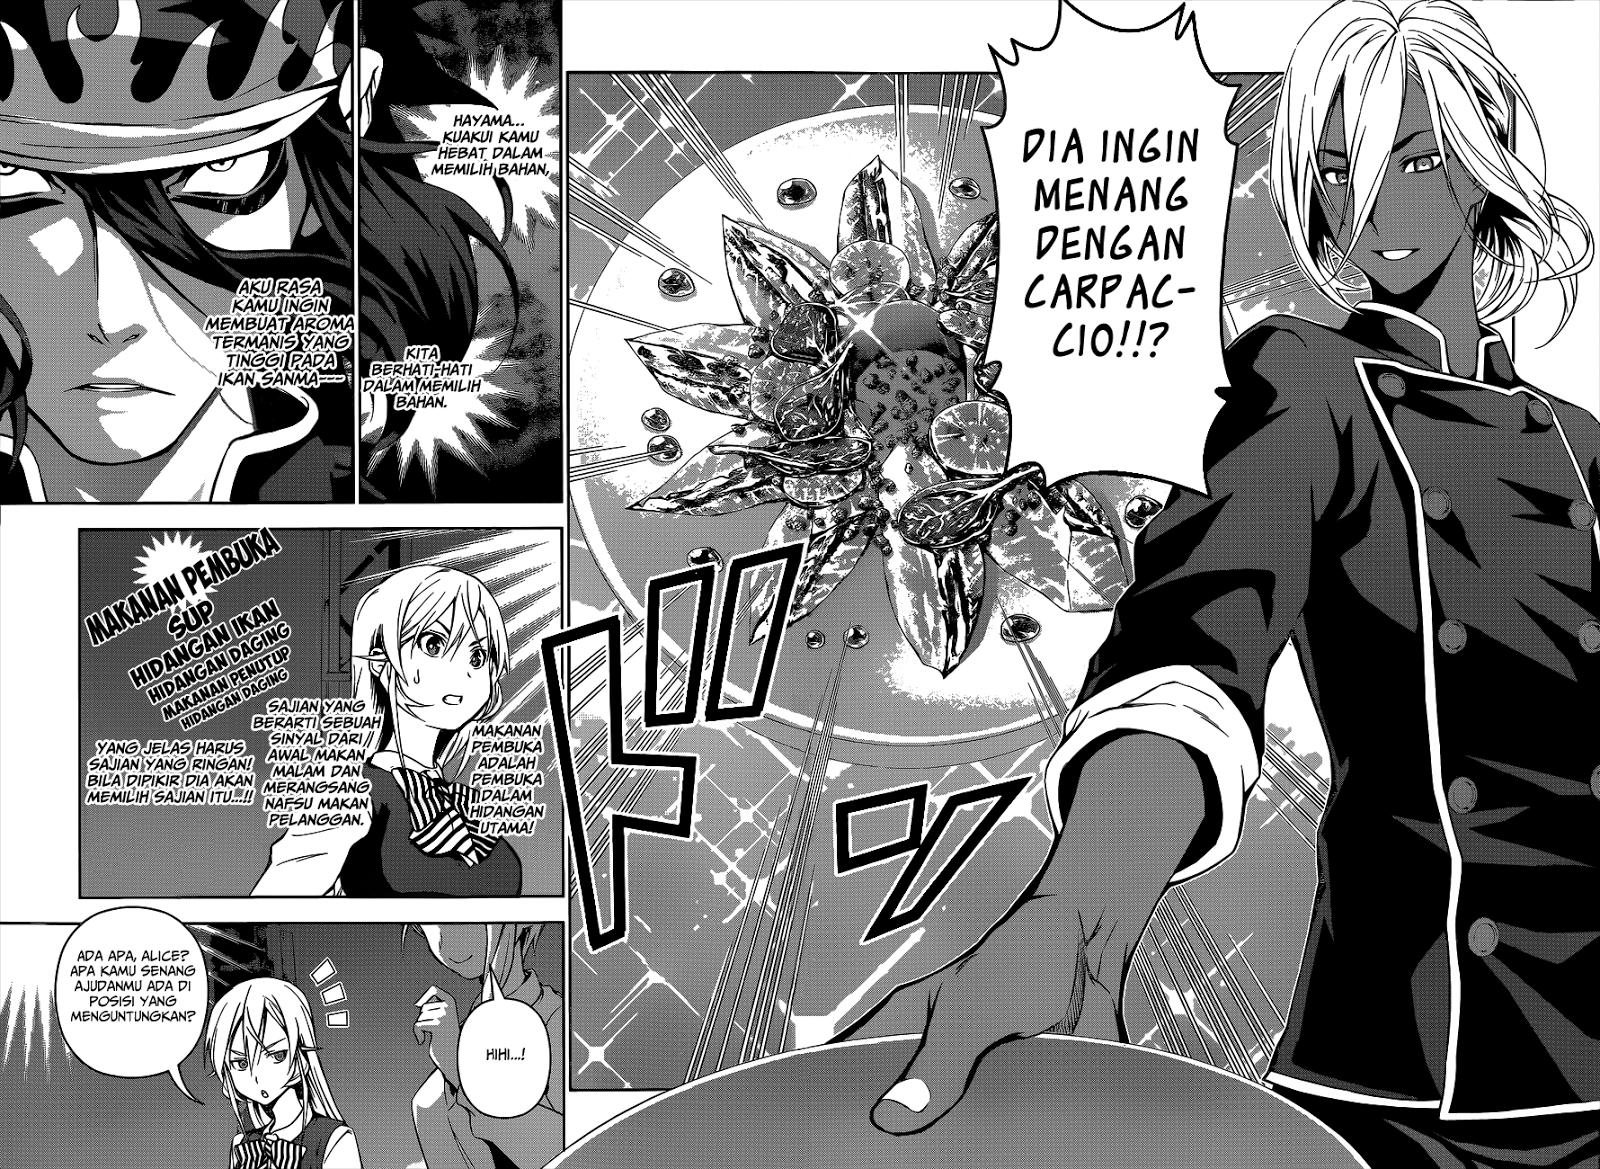 Dilarang COPAS - situs resmi www.mangaku.in - Komik shokugeki no soma 100 - pedang tajam 101 Indonesia shokugeki no soma 100 - pedang tajam Terbaru 3|Baca Manga Komik Indonesia|mangaku.web.id